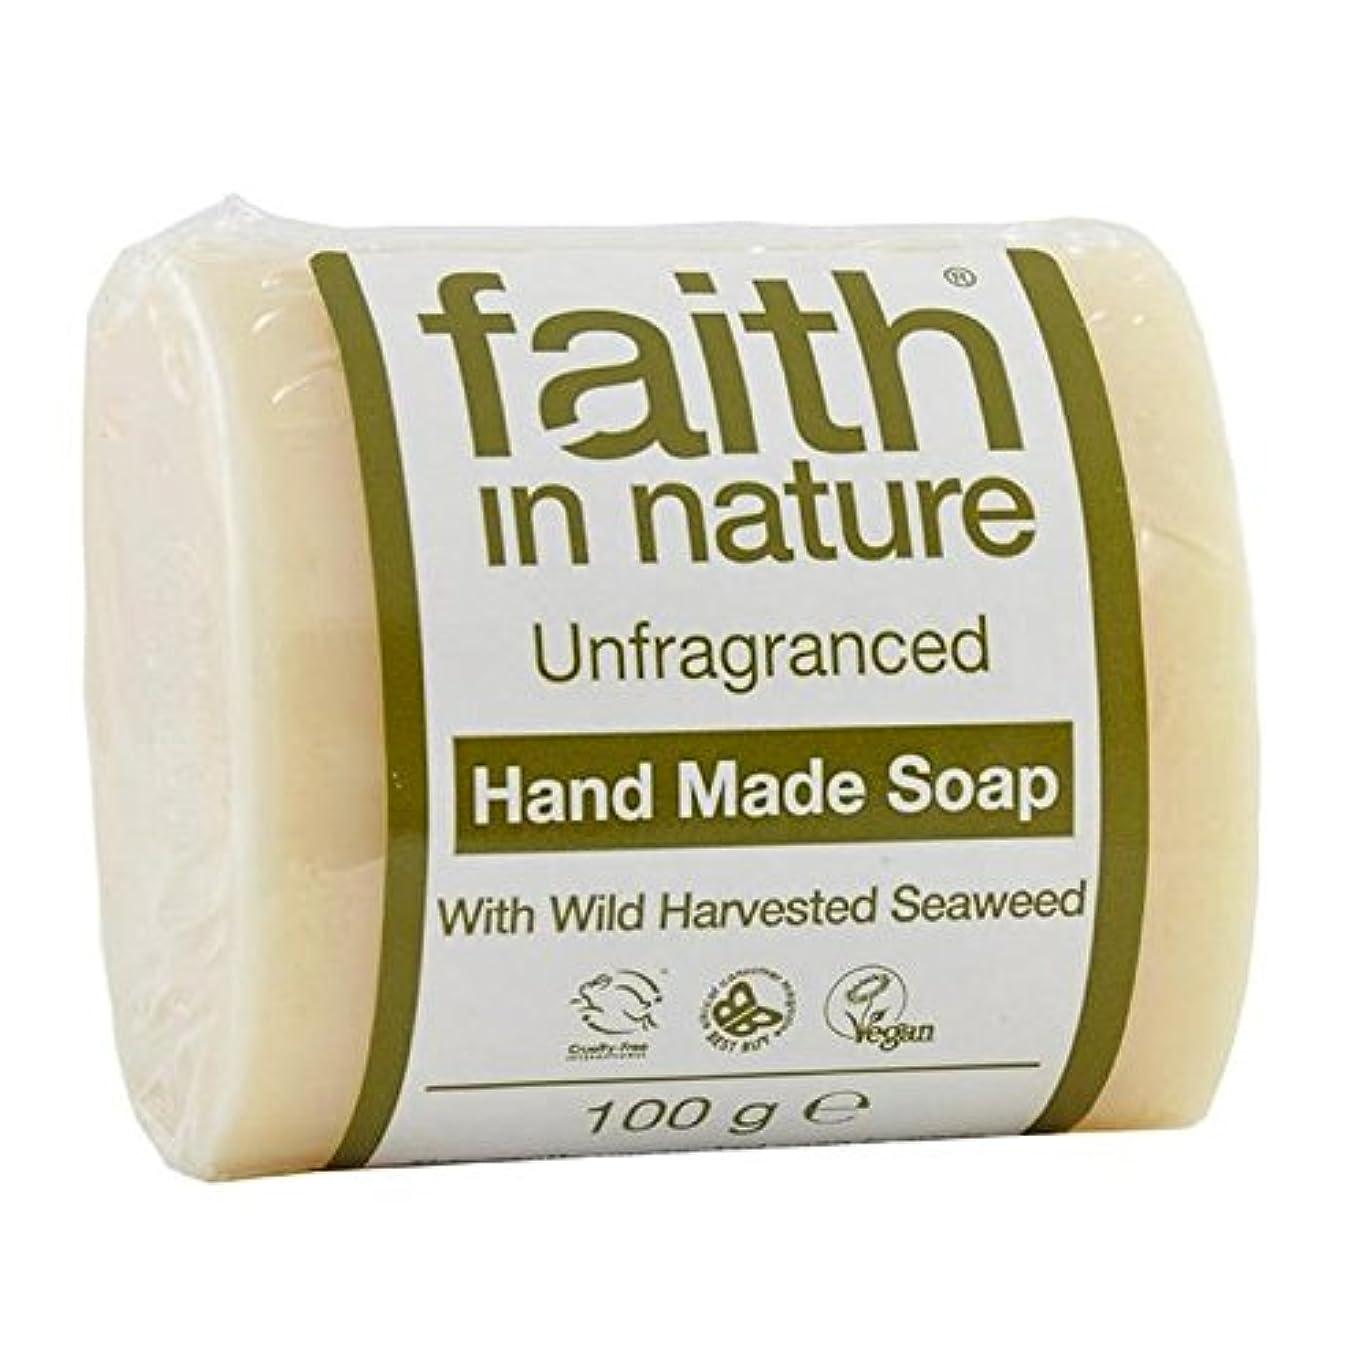 寓話単にそうFaith in Nature Unfragranced Pure Hand Made Soap 100g (Pack of 4) - (Faith In Nature) 自然の中で信仰は純粋な手作り石鹸100グラムを無香料...